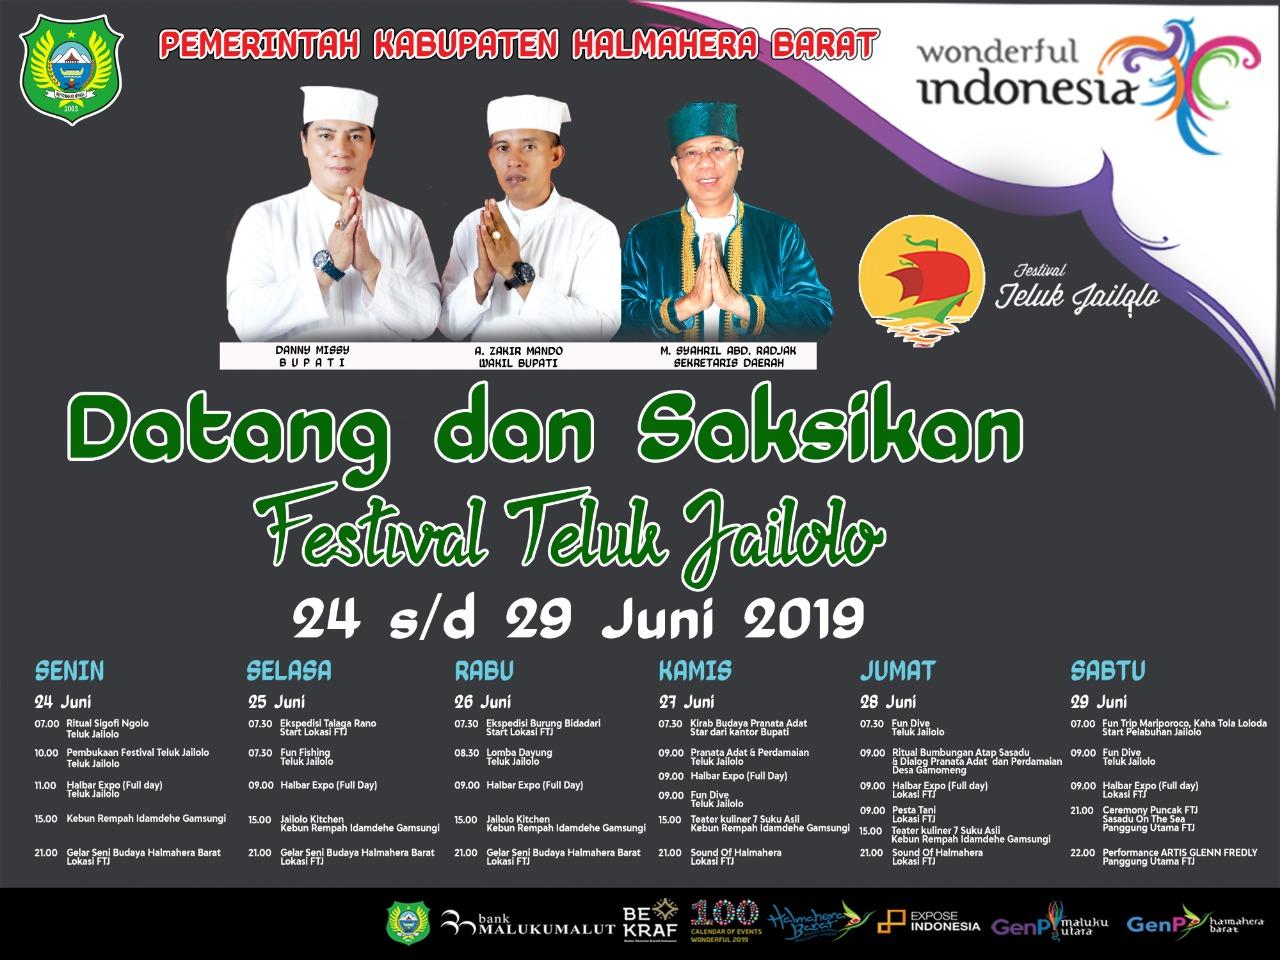 Pemkab Halbar : Wonderful Indonesia, datang dan saksikan FTJ 2019